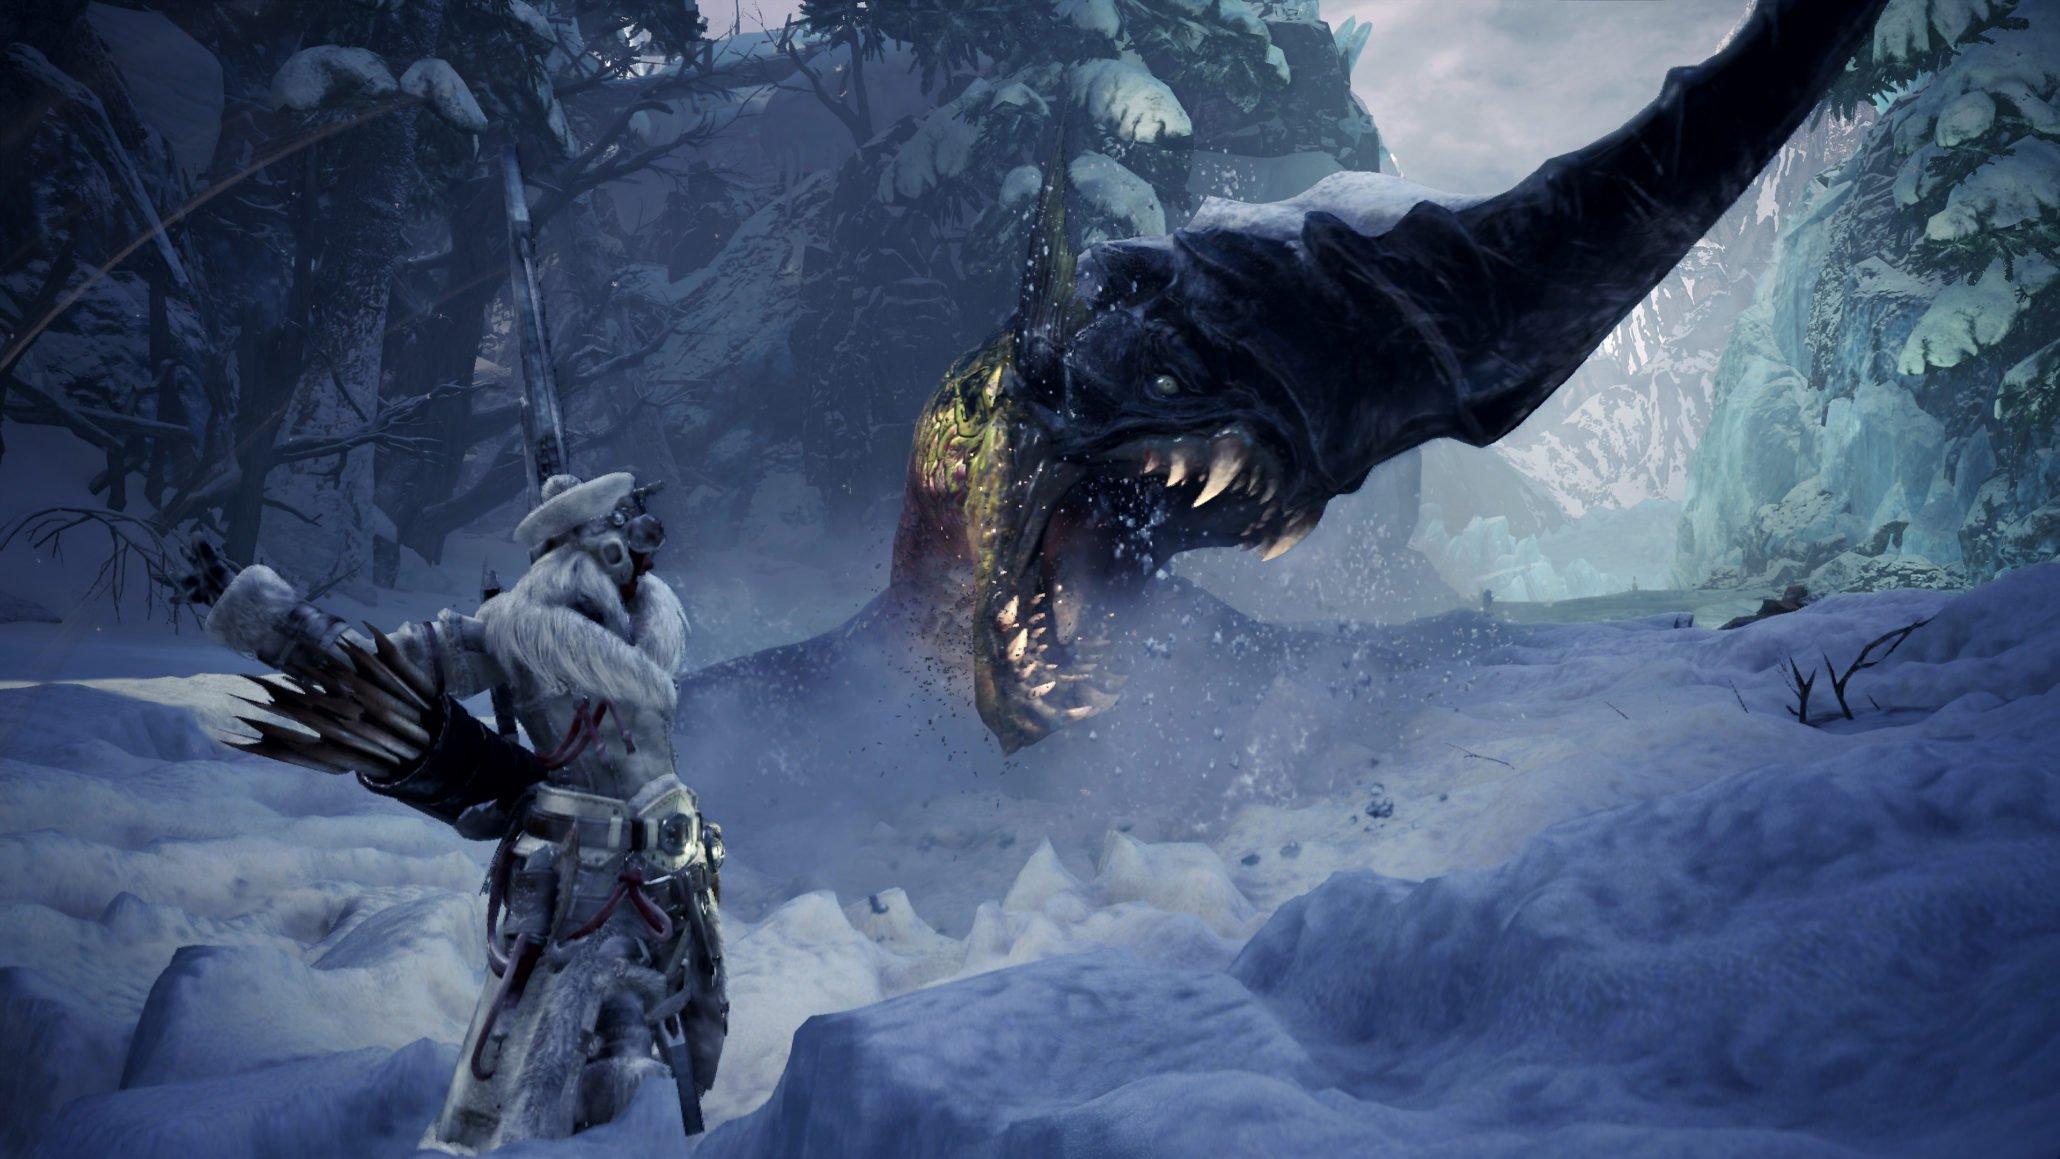 Monster Hunter World : Les dates bêta d'origine glaciaire ont été révélées